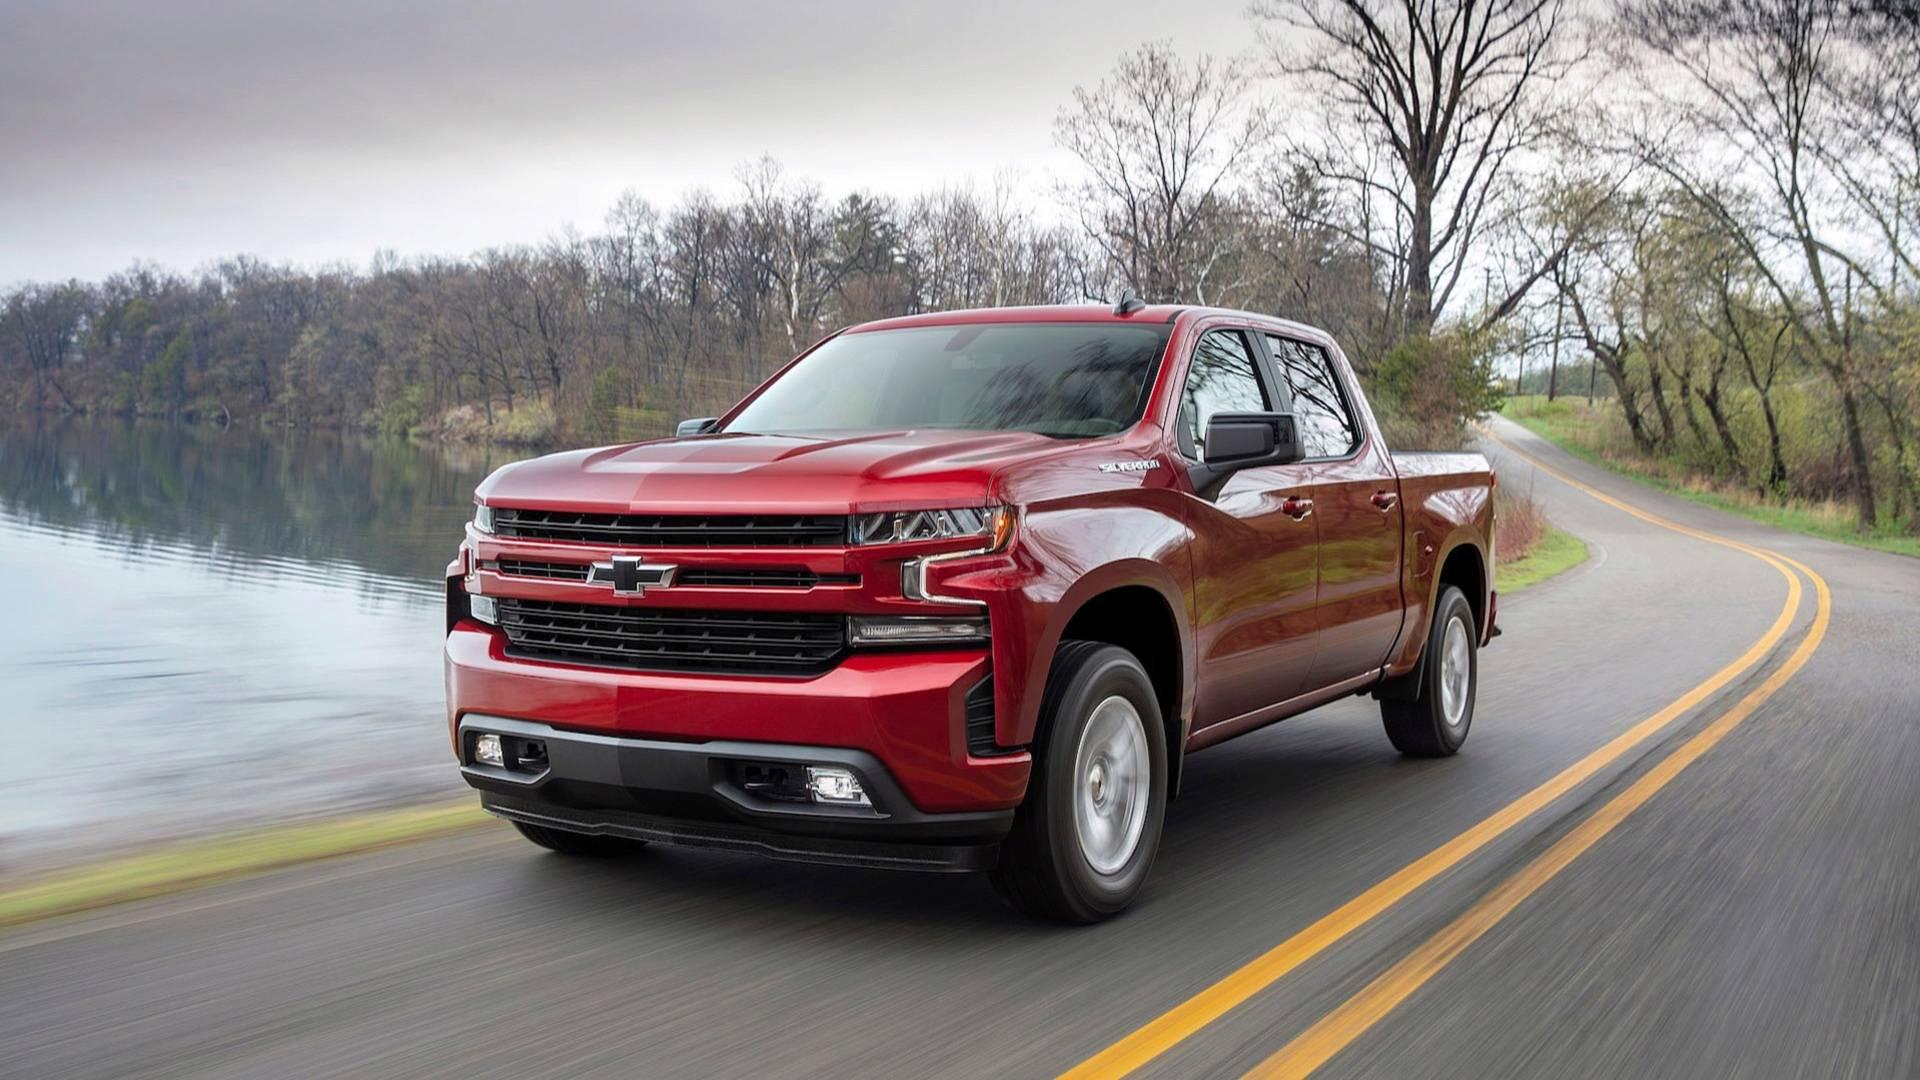 Top 10 mẫu xe bán chạy nhất nước Mỹ năm 2020 - Ảnh 9.